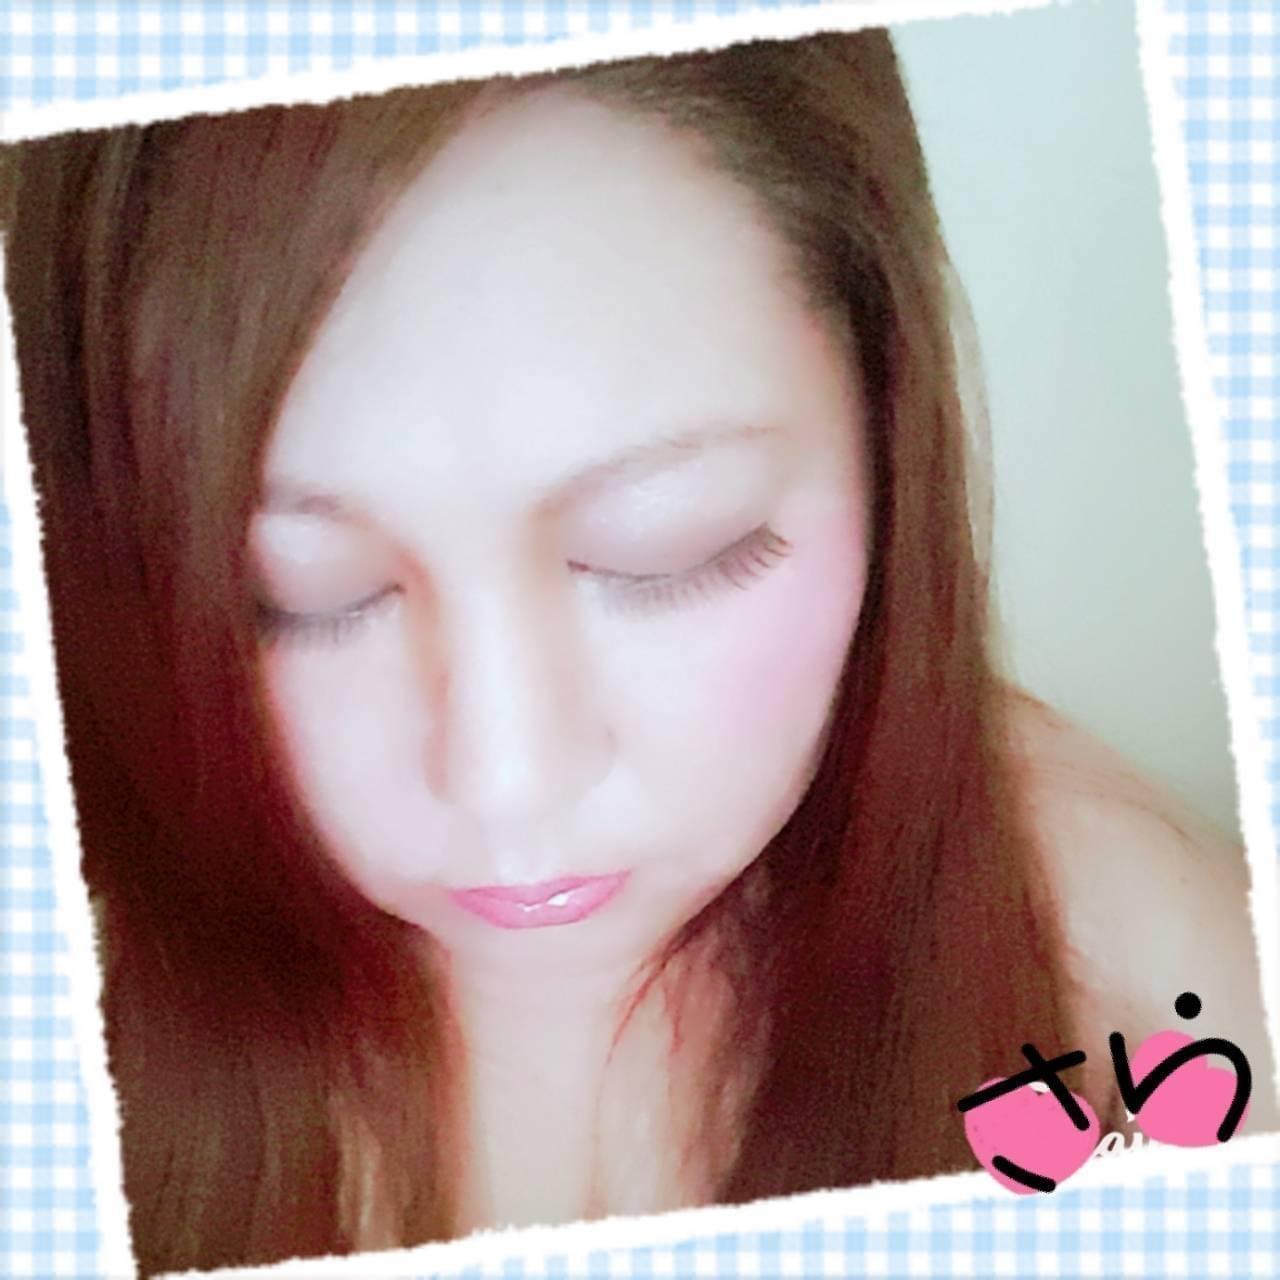 「待機してます」09/23(09/23) 03:33   笹本さらの写メ・風俗動画